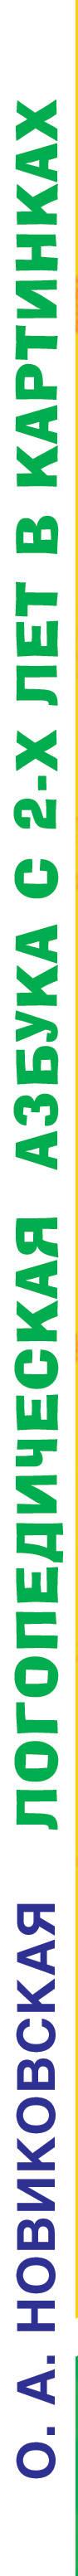 Логопедическая азбука